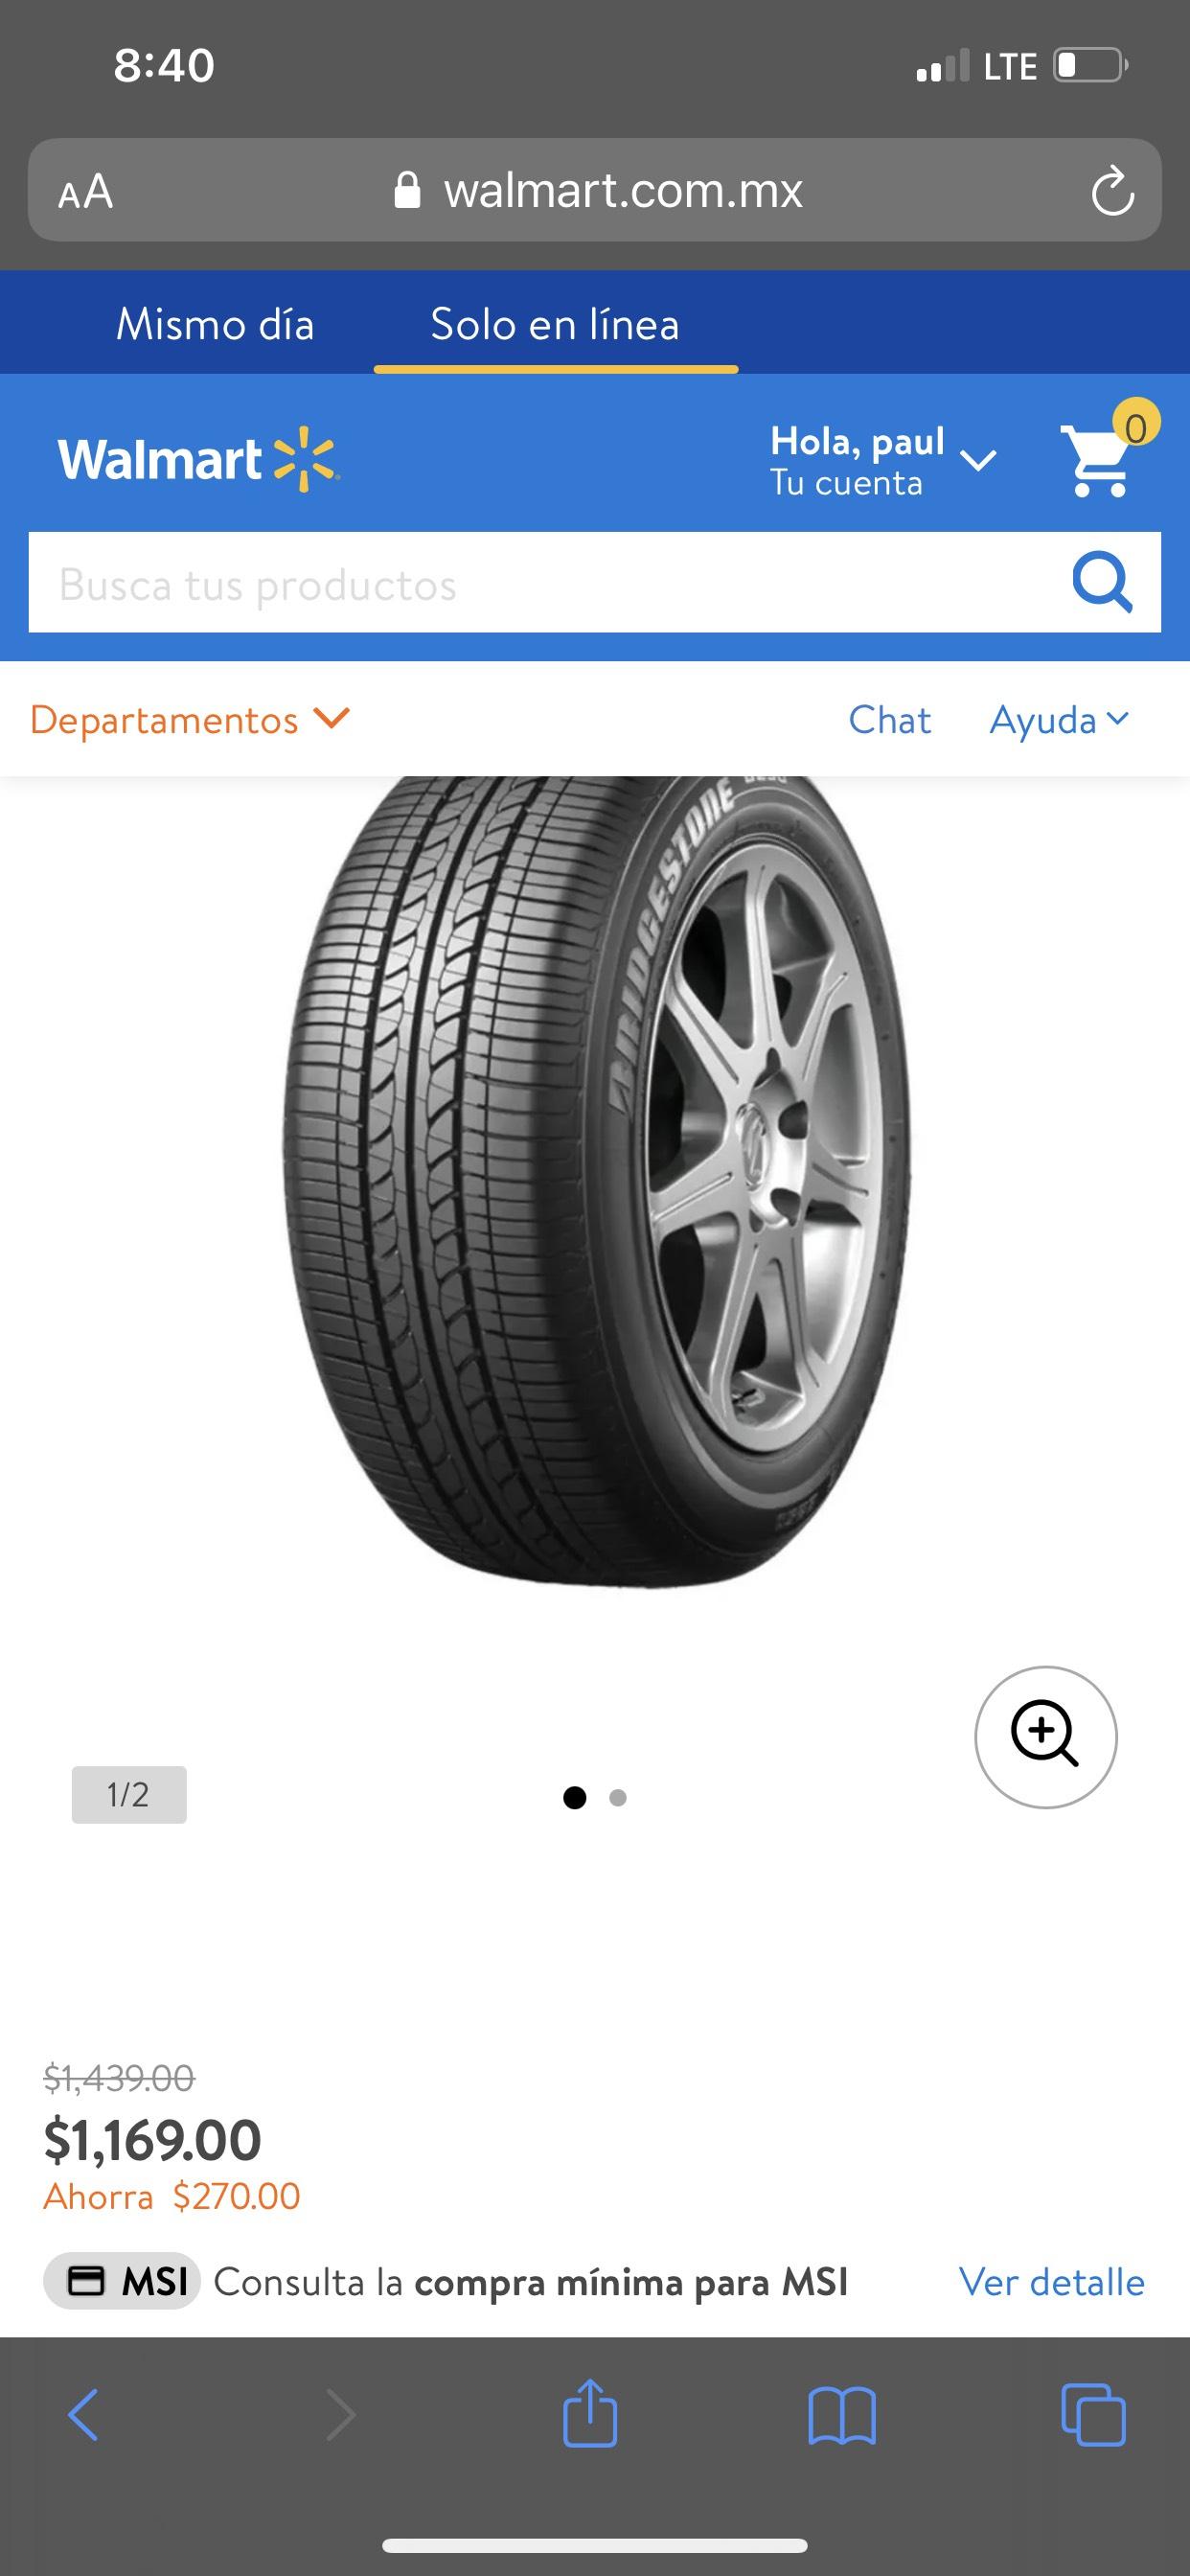 Walmart: Llanta b250 en oferta